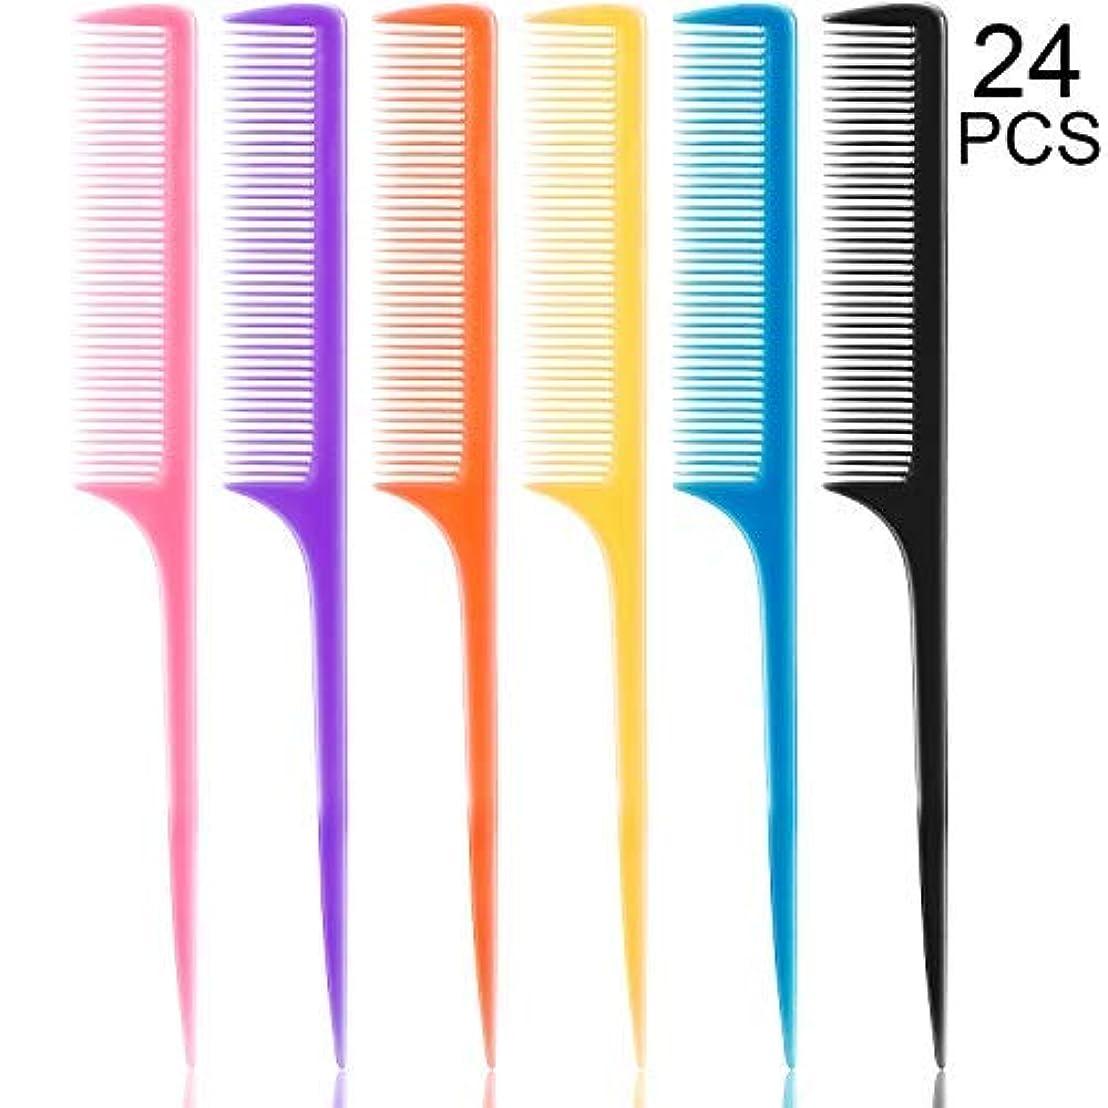 ゆるい遺産フクロウ24 Pieces Plastic Rat Tail Combs 8.5 Inch Fine-tooth Hair Combs Pin Tail Hair Styling Combs with Thin and Long...